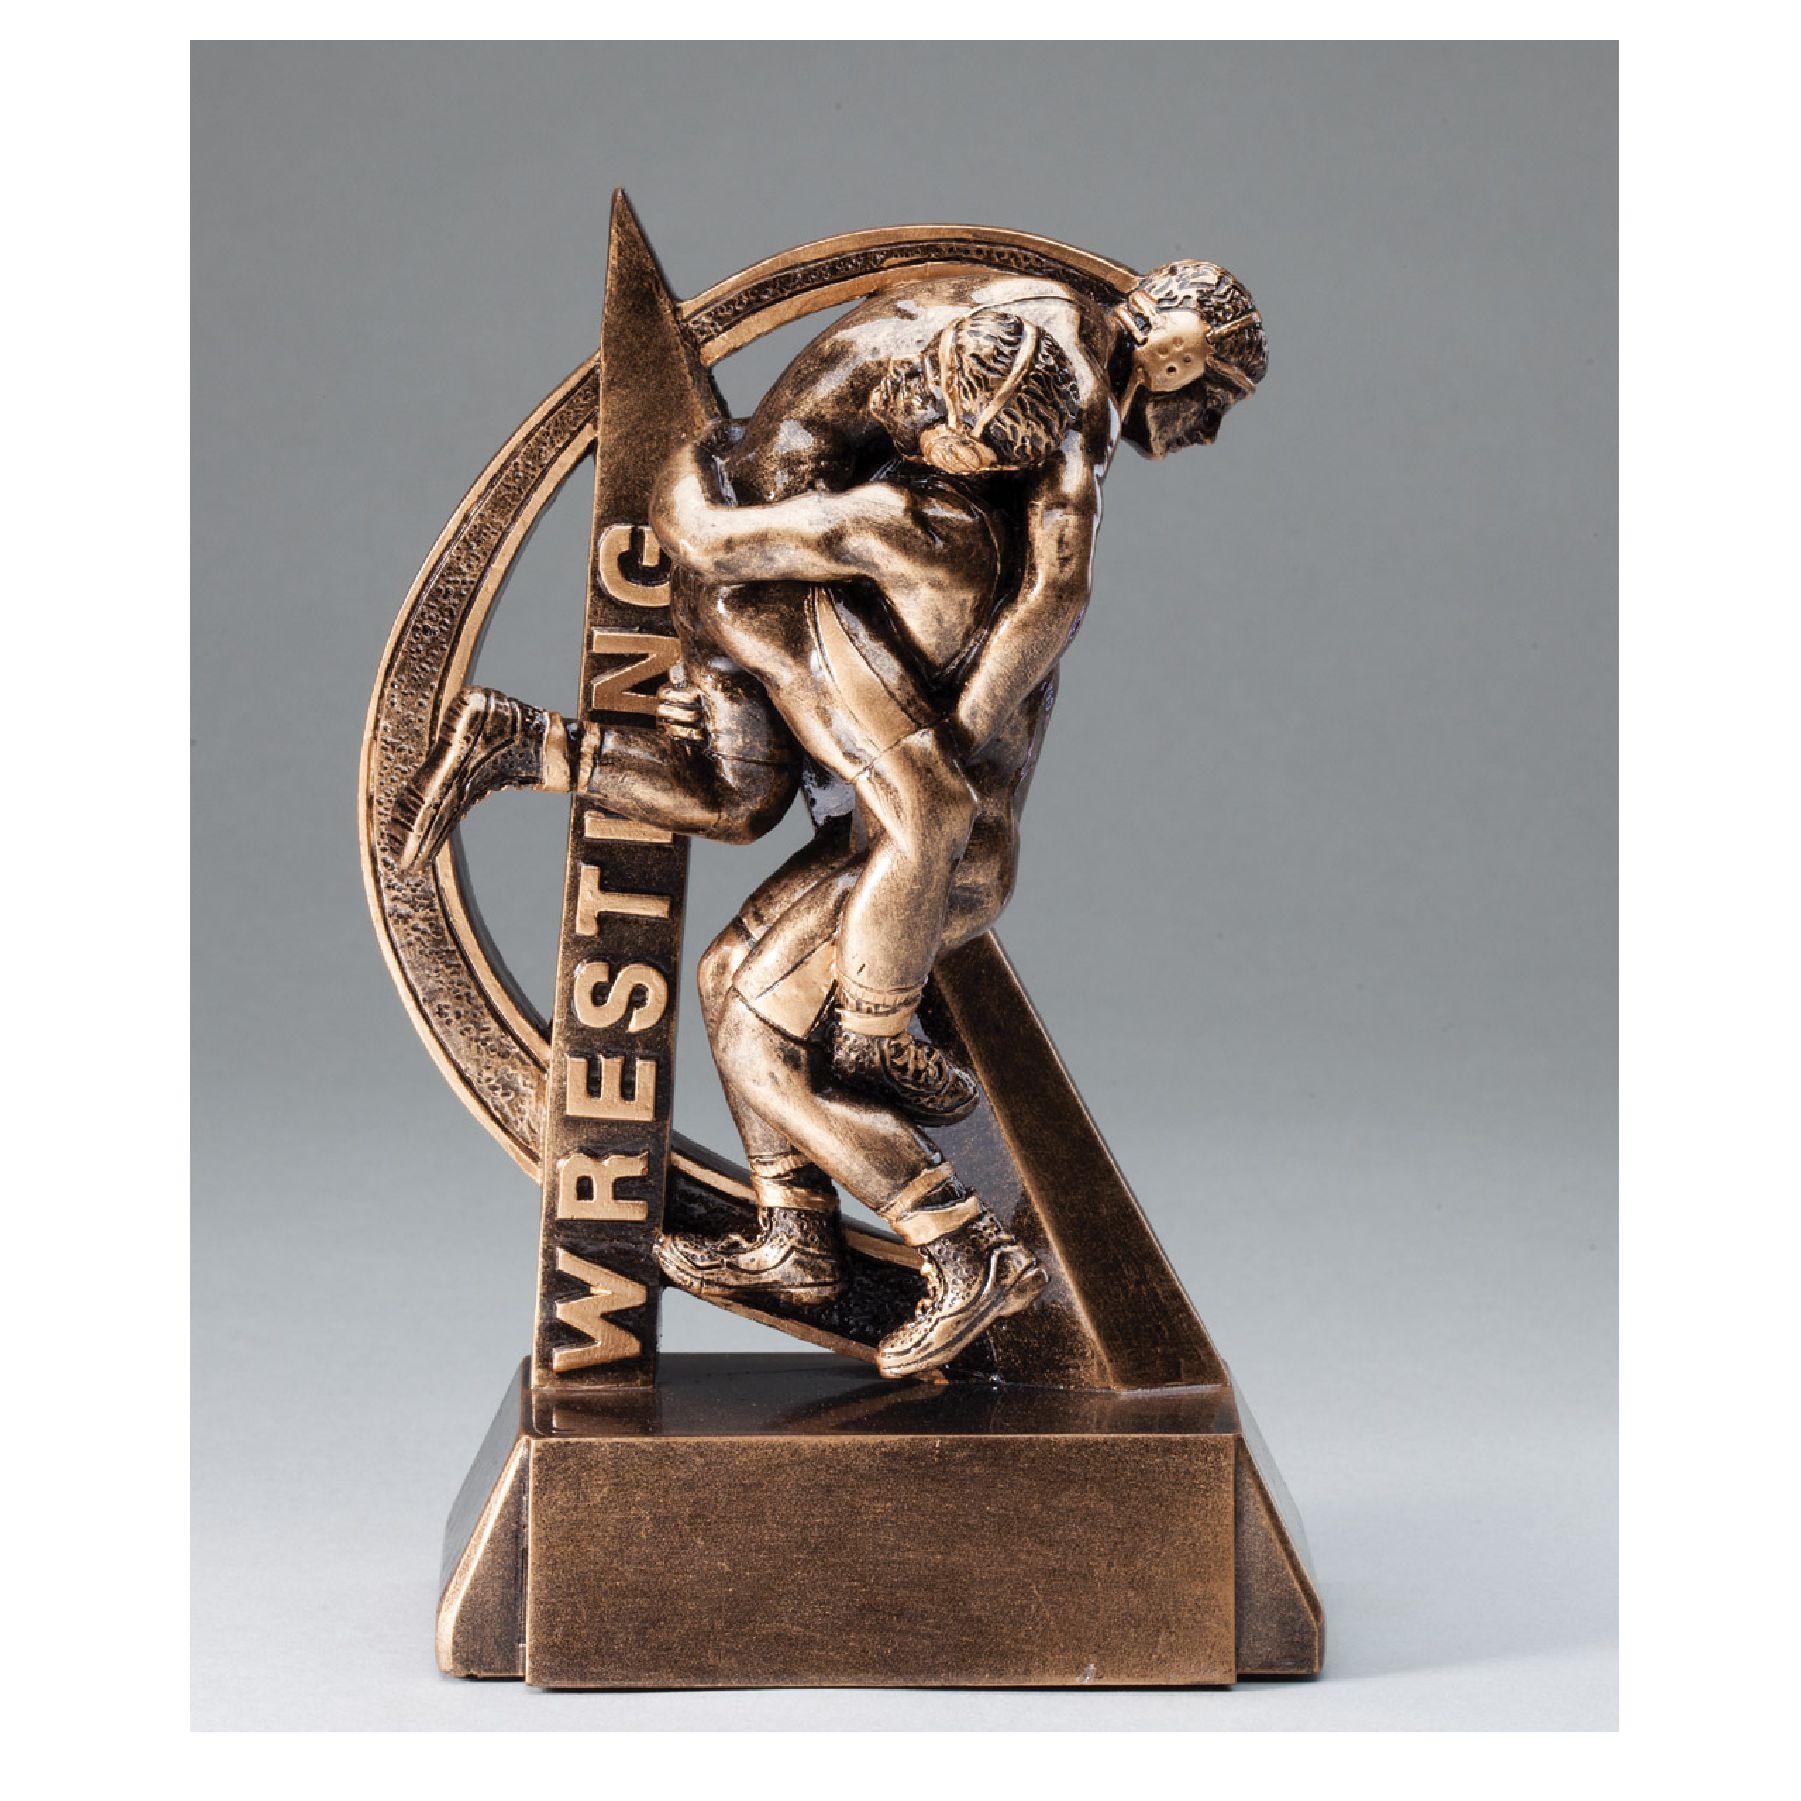 Ultra Action Wrestling Resin   Impressive Trophies & Awards